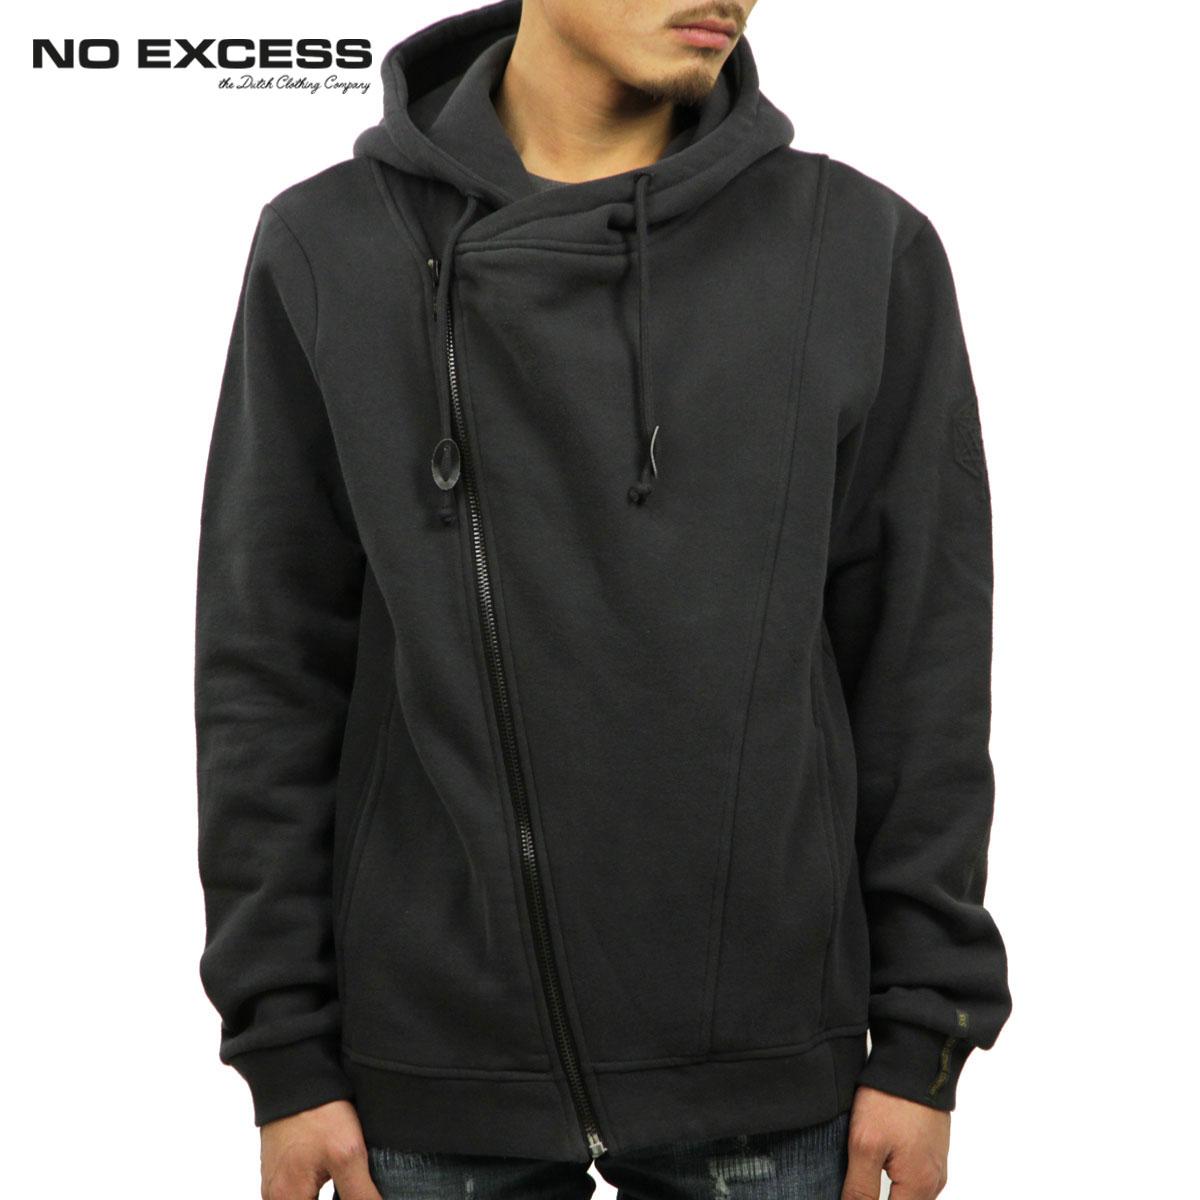 ノーエクセス NO EXCESS 正規品 メンズ パーカー Full Zip Hooded Cardigan Sweater100824025 D00S20